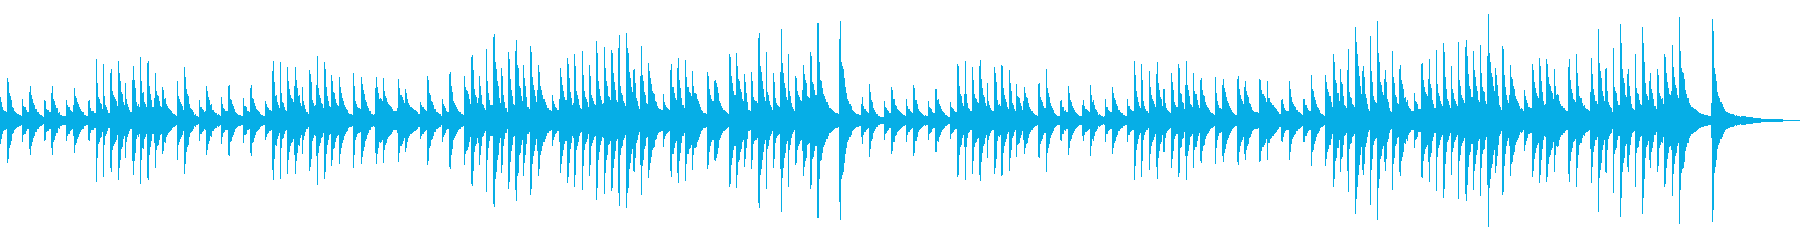 定番クラシック・ジムノペディ・ソロピアノの再生済みの波形